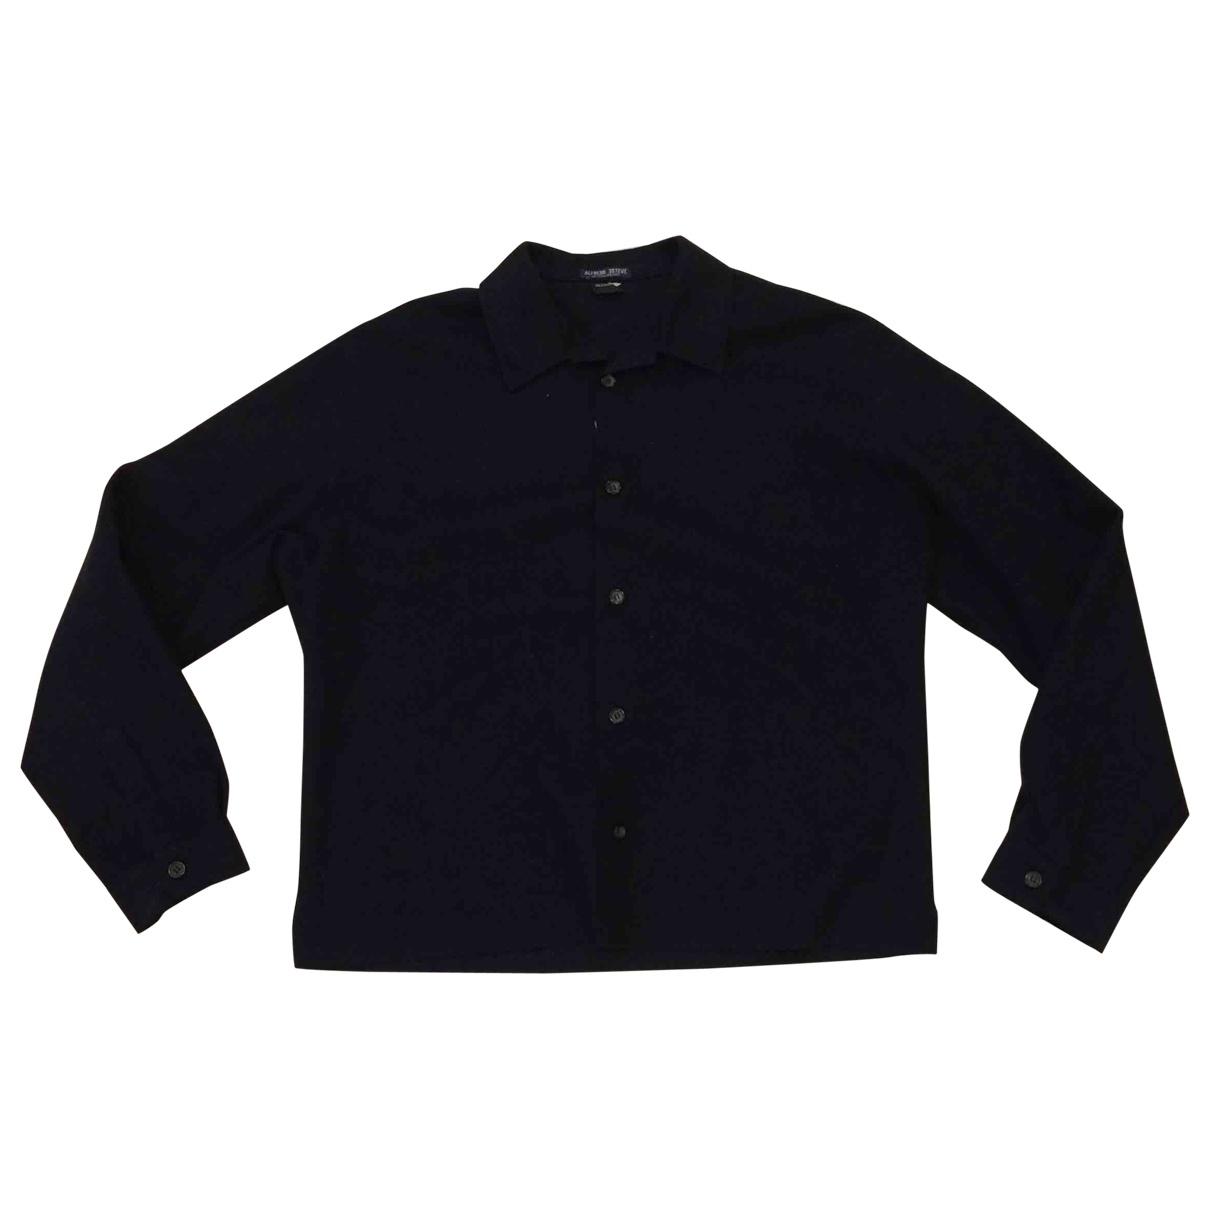 Jil Sander \N Navy Wool jacket  for Men M International